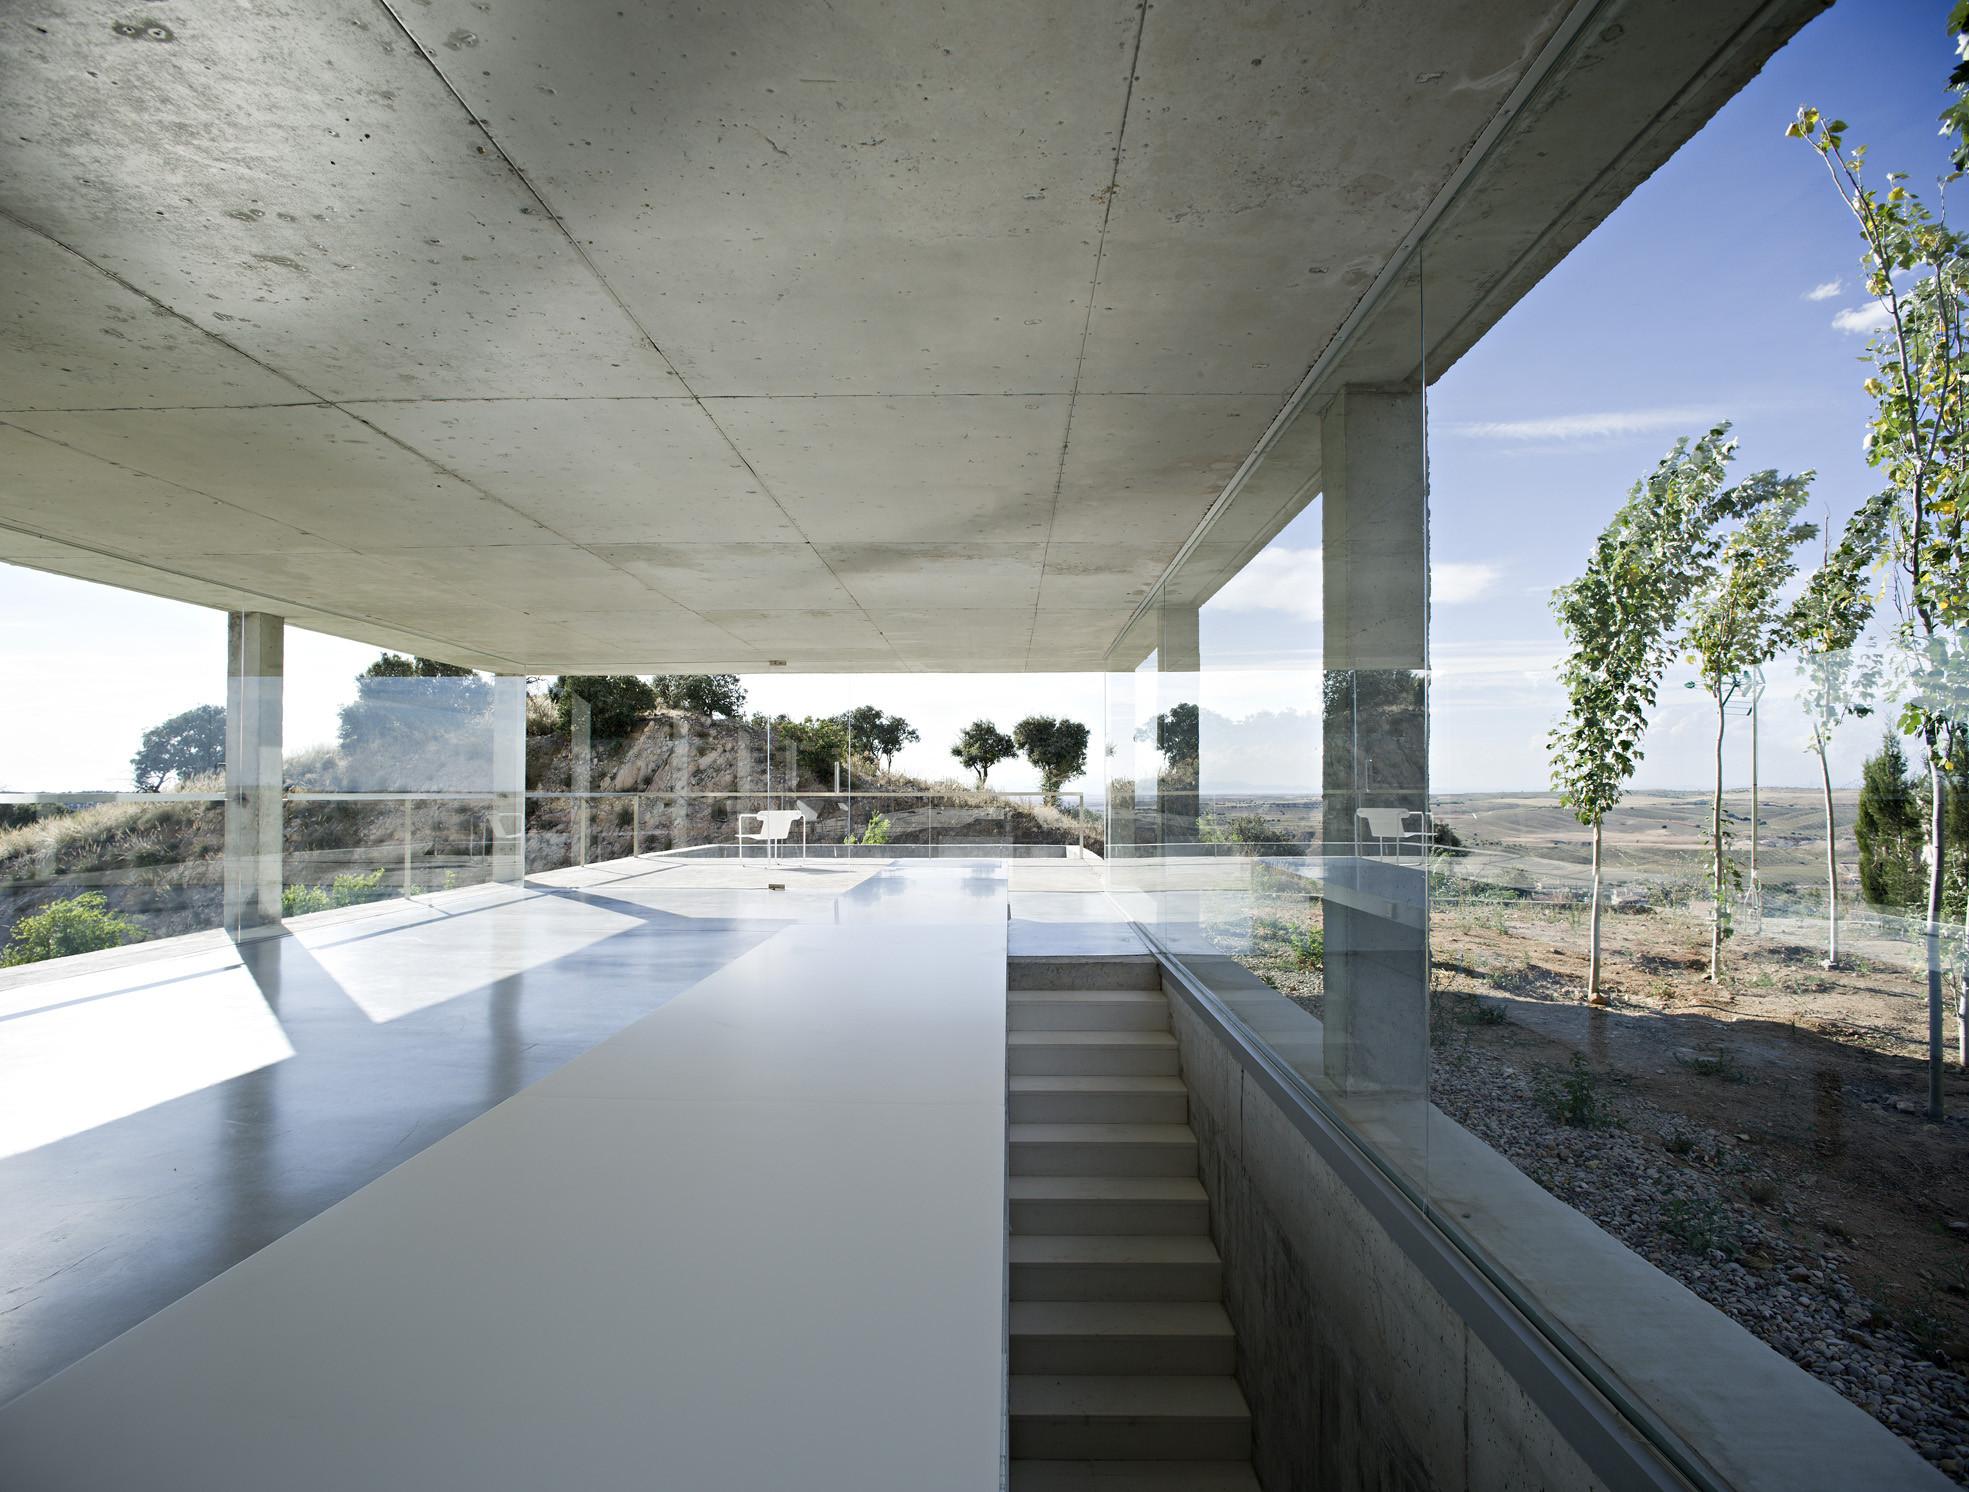 Gallery Of Rufo House Alberto Campo Baeza 7